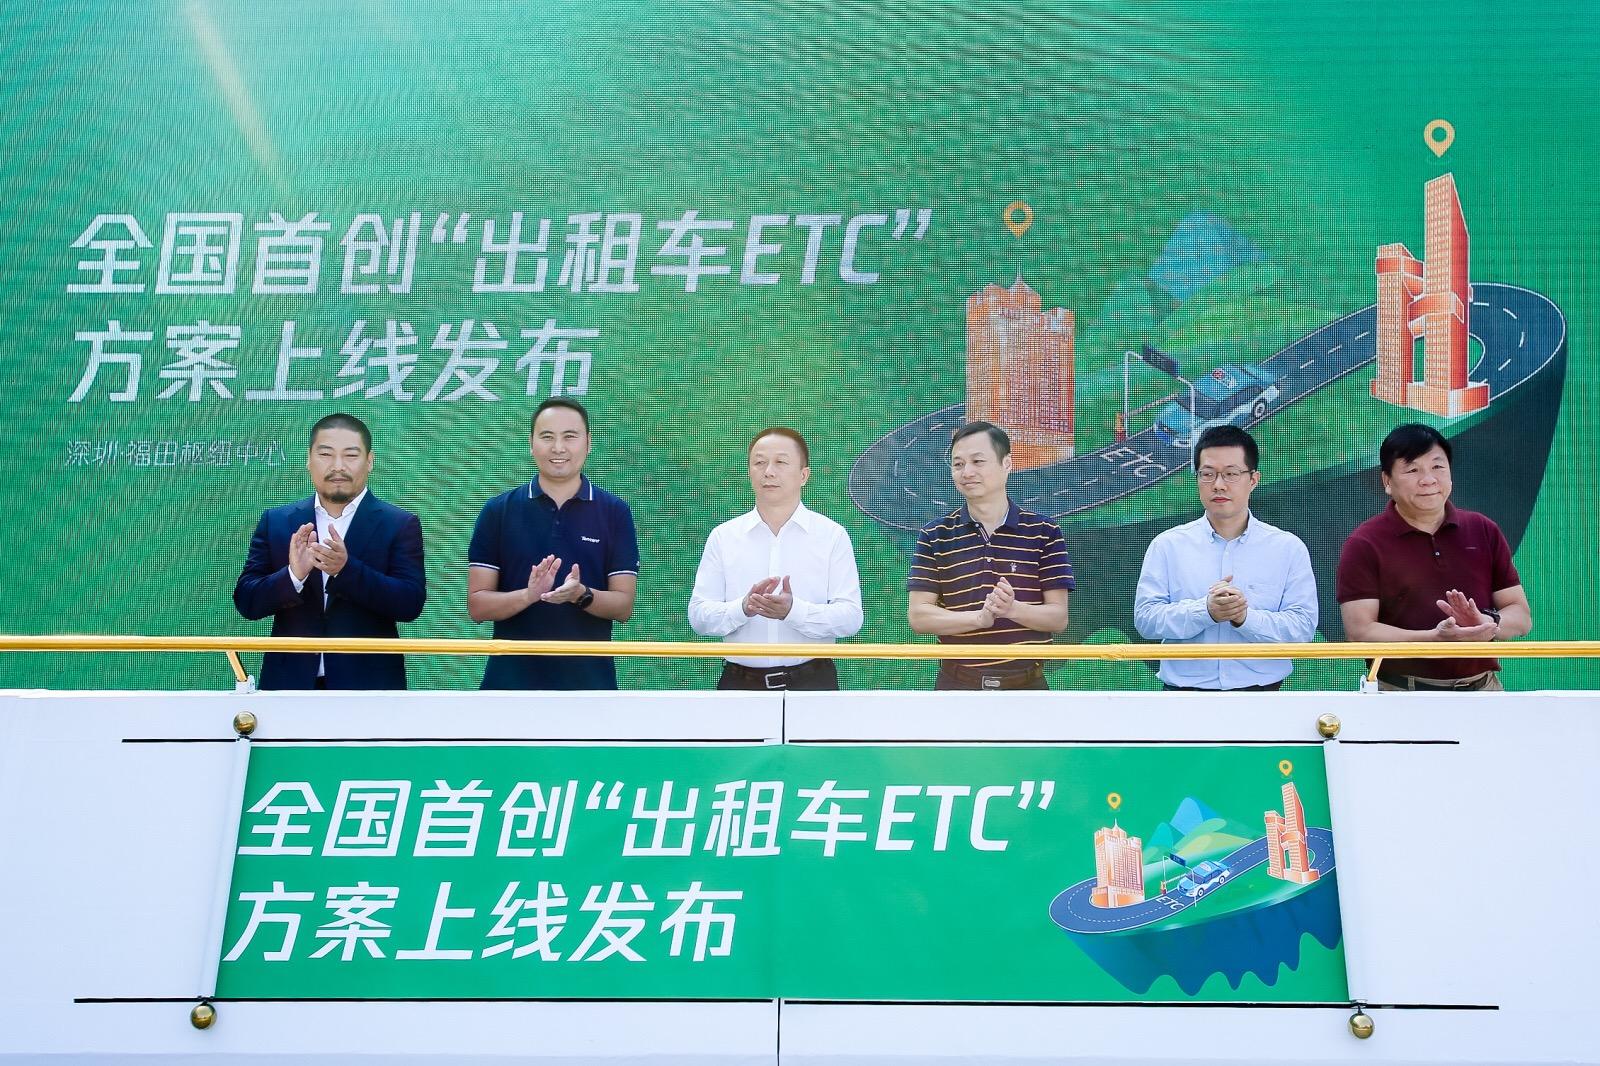 """乘出租车过ETC,微信支付秒开高速发票——全国首创""""出租车ETC""""方案落地深圳"""